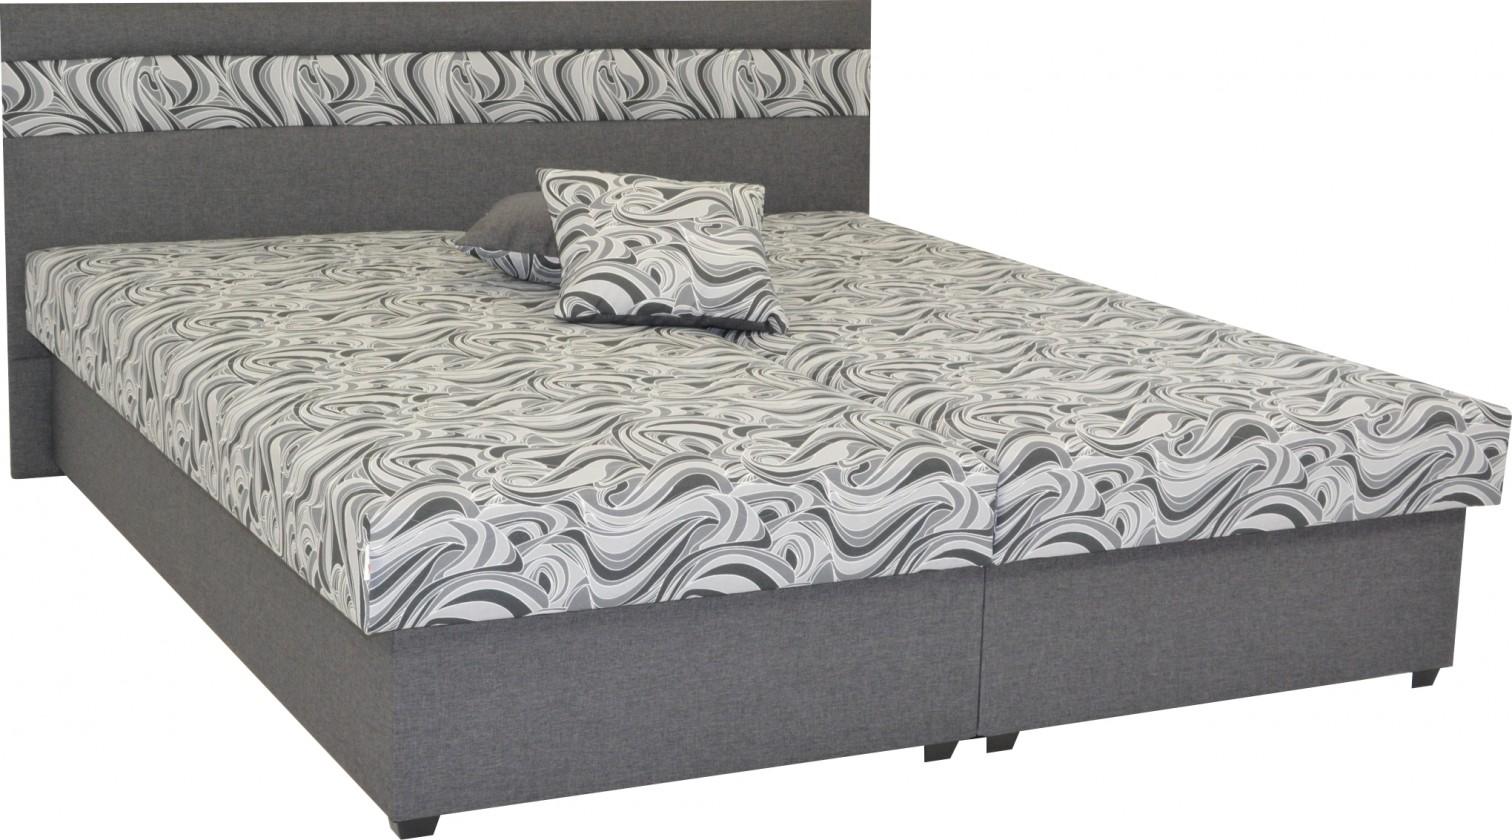 Čalouněné postele Čalouněná postel Mexico 180x200, šedá, včetně úp